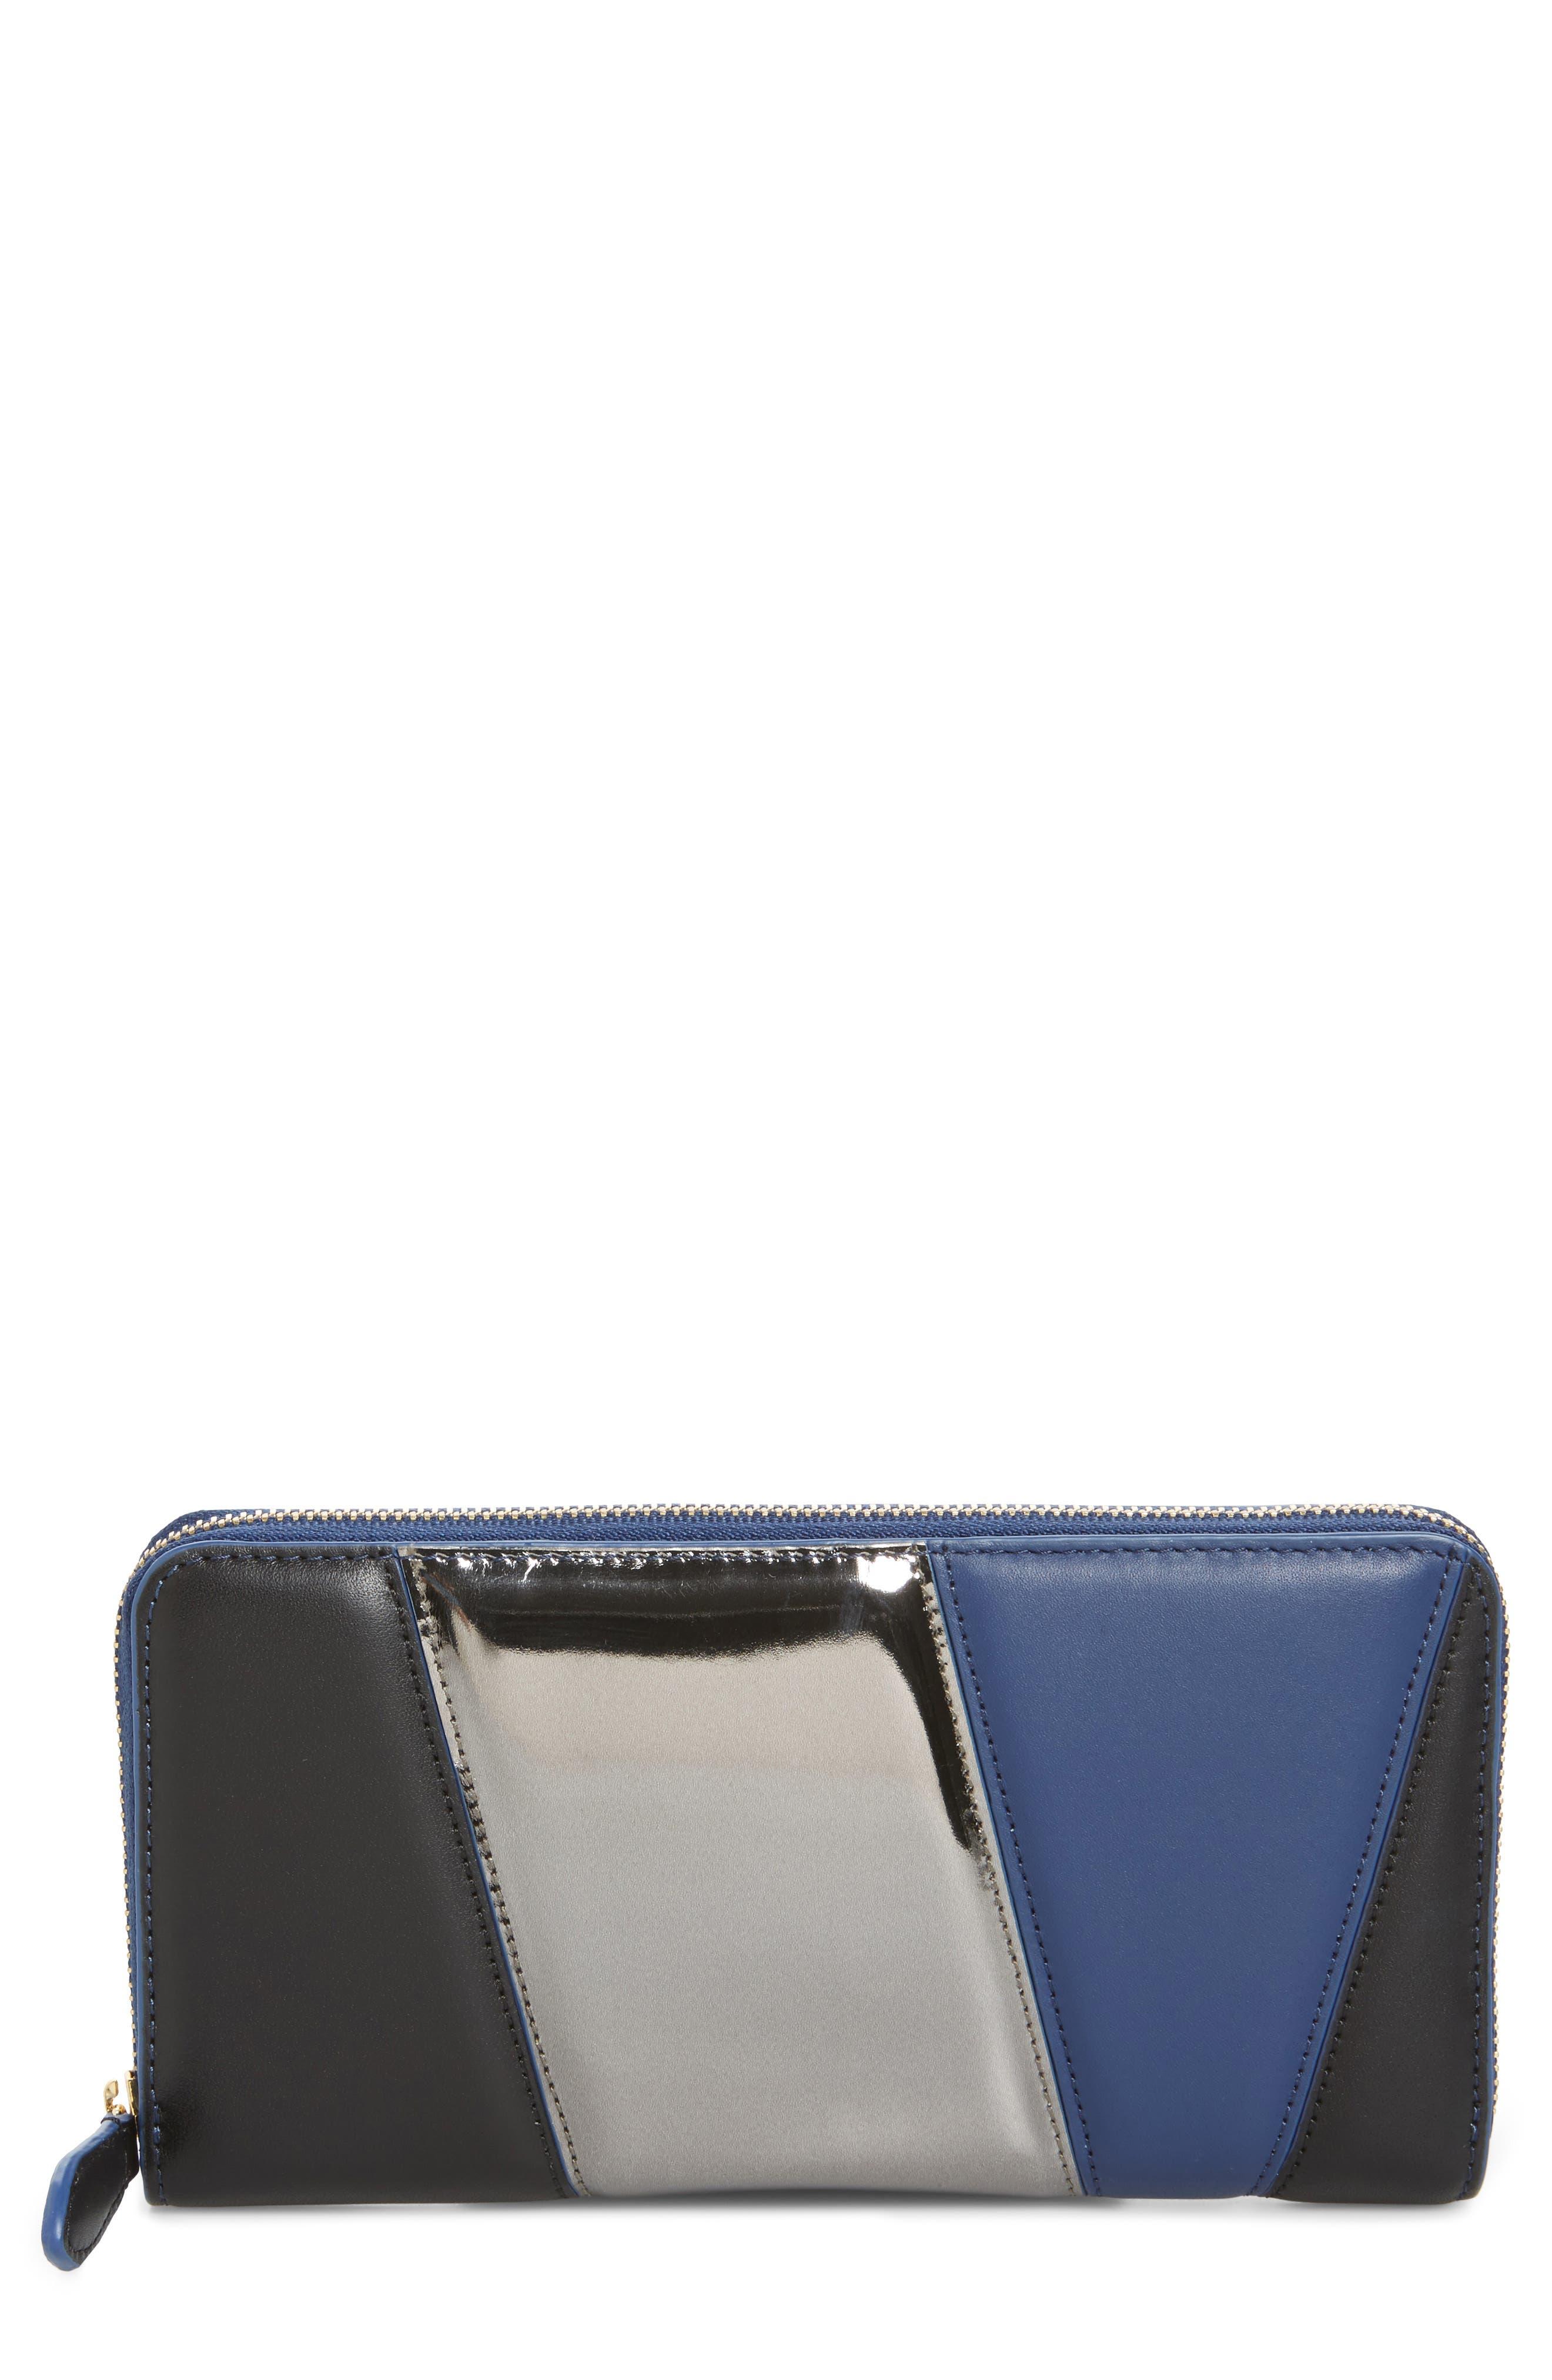 Diane von Furstenberg Colorblock Leather Continental Wallet